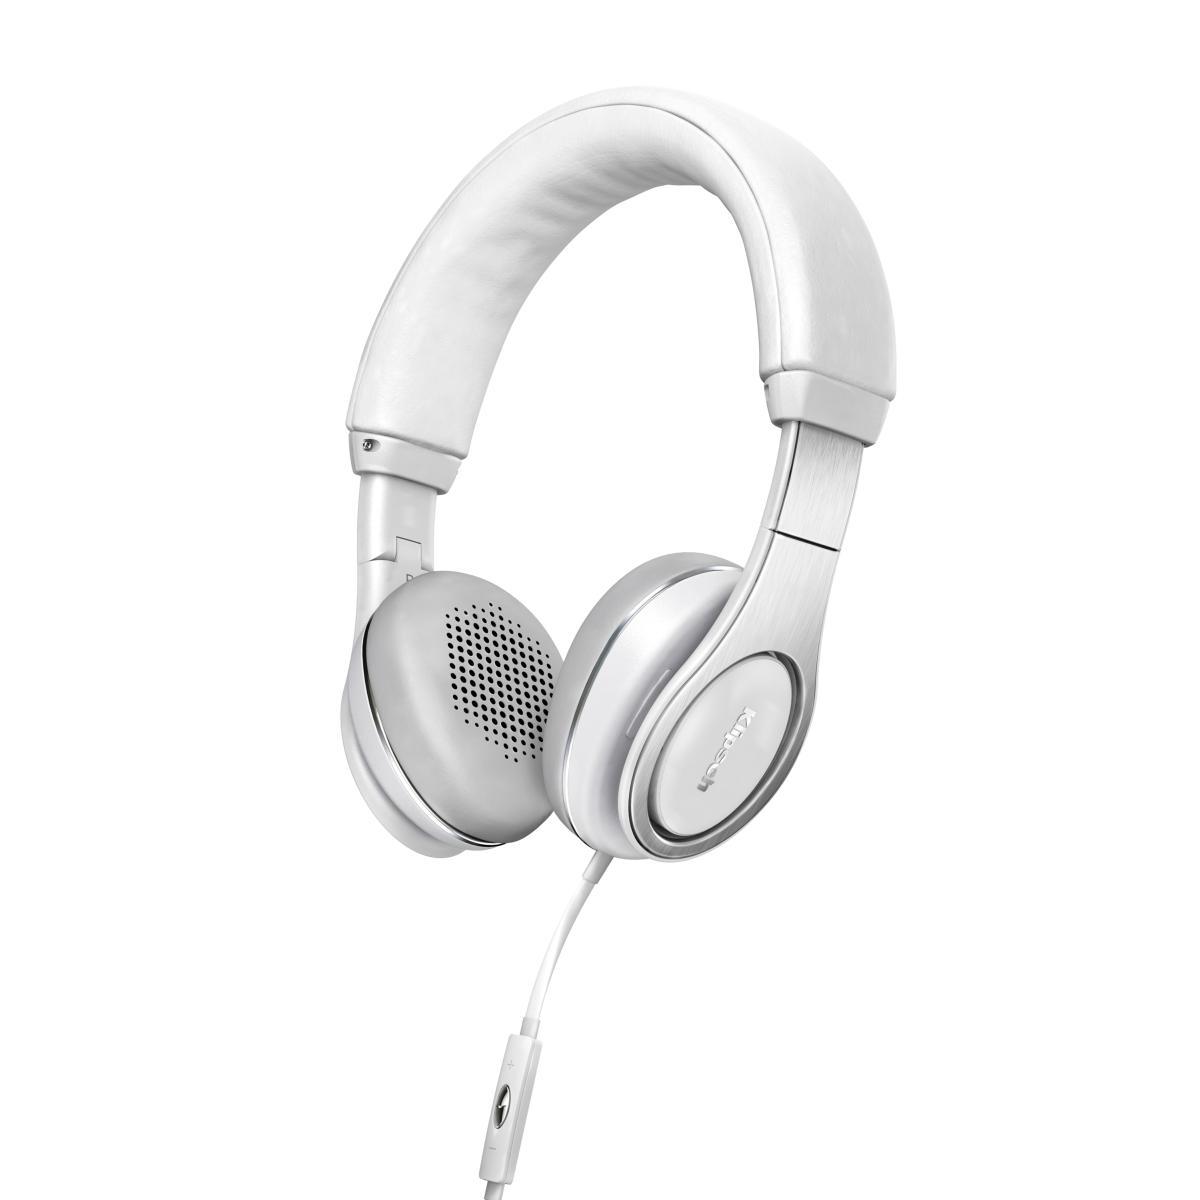 Powieksz do pelnego rozmiaru Klipsz, Klipsh, Klipch, Klipsch   ReferenceOn Ear White, Reference-On Ear White, Reference On Ear White,  ReferenceOnEar White, Reference-OnEar White, Reference OnEar White,  ReferenceOn-Ear White, Reference-On-Ear White, Reference On-Ear White,   ReferenceOn Ear-White, Reference-On Ear-White, Reference On Ear-White,  ReferenceOnEar-White, Reference-OnEar-White, Reference OnEar-White,  ReferenceOn-Ear-White, Reference-On-Ear-White, Reference On-Ear-White,   słuchawki hi-fi, słuchawki hifi, słuchawki przenośne, słuchawki podróżne,  słuchawki do iPod, słuchawki do iPad, słuchawki do iPhone, słuchawki z regulacją głośności, słuchawki z pałąkiem, słuchawki nagłowne, słuchawki nauszne, słuchawki z pilotem, słuchawki z mikrofonem, słuchawki do telefonu, słuchawki zamknięte ,loj, słuchawki multimedialne, słuchawki iphone, słuchawki ios, słuchawki apple, słuchawki do apple, słuchawki do urządzeń apple